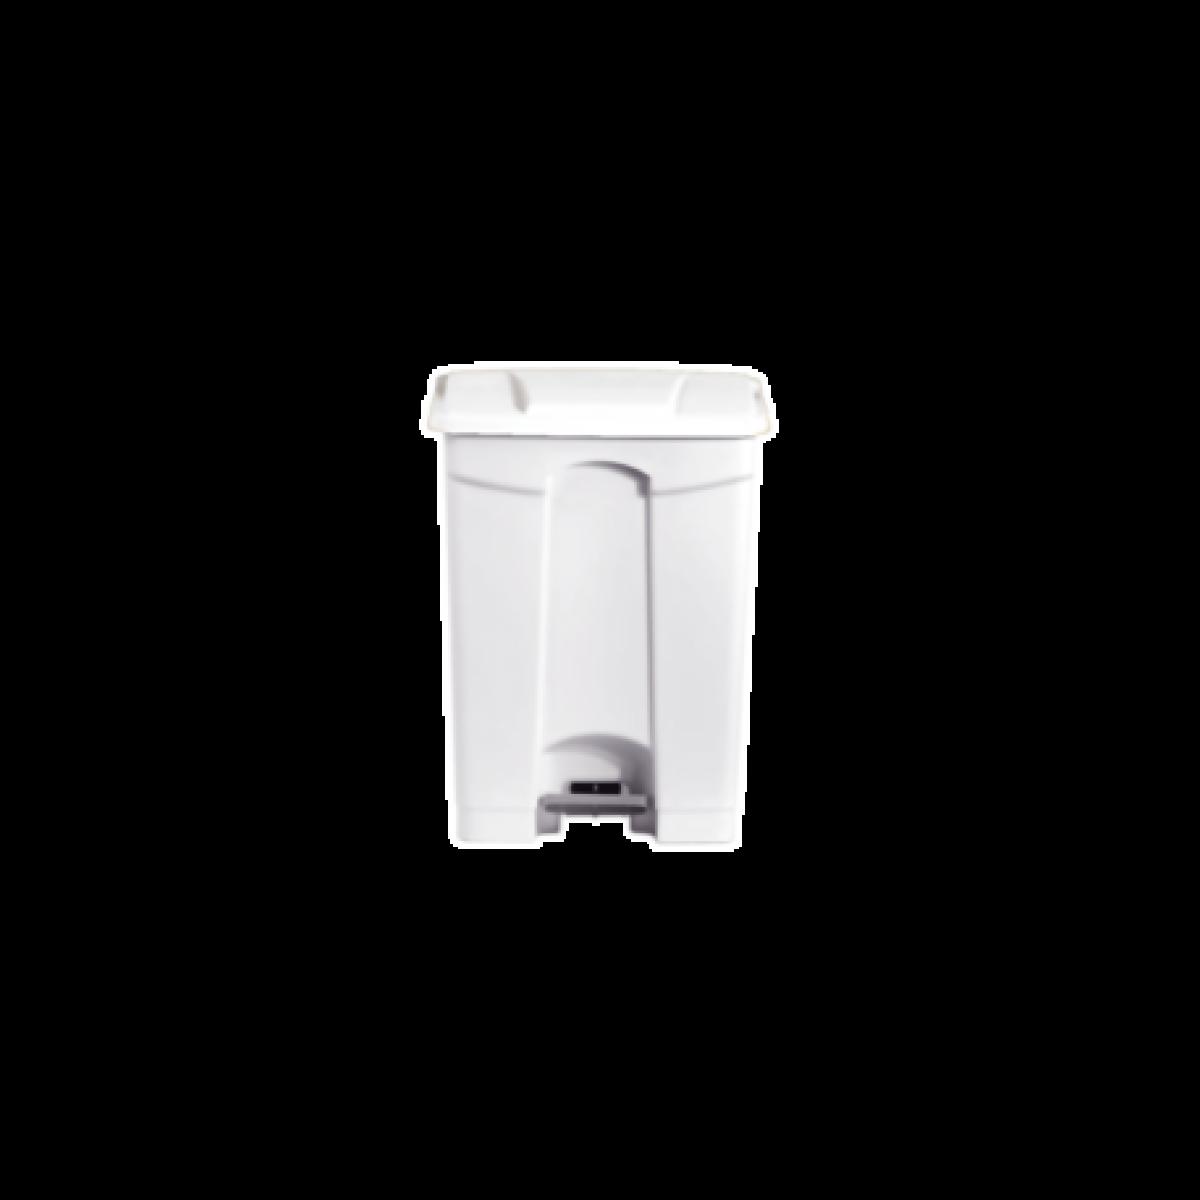 L2G Poubelle blanche 90 litres en Polypropylène -